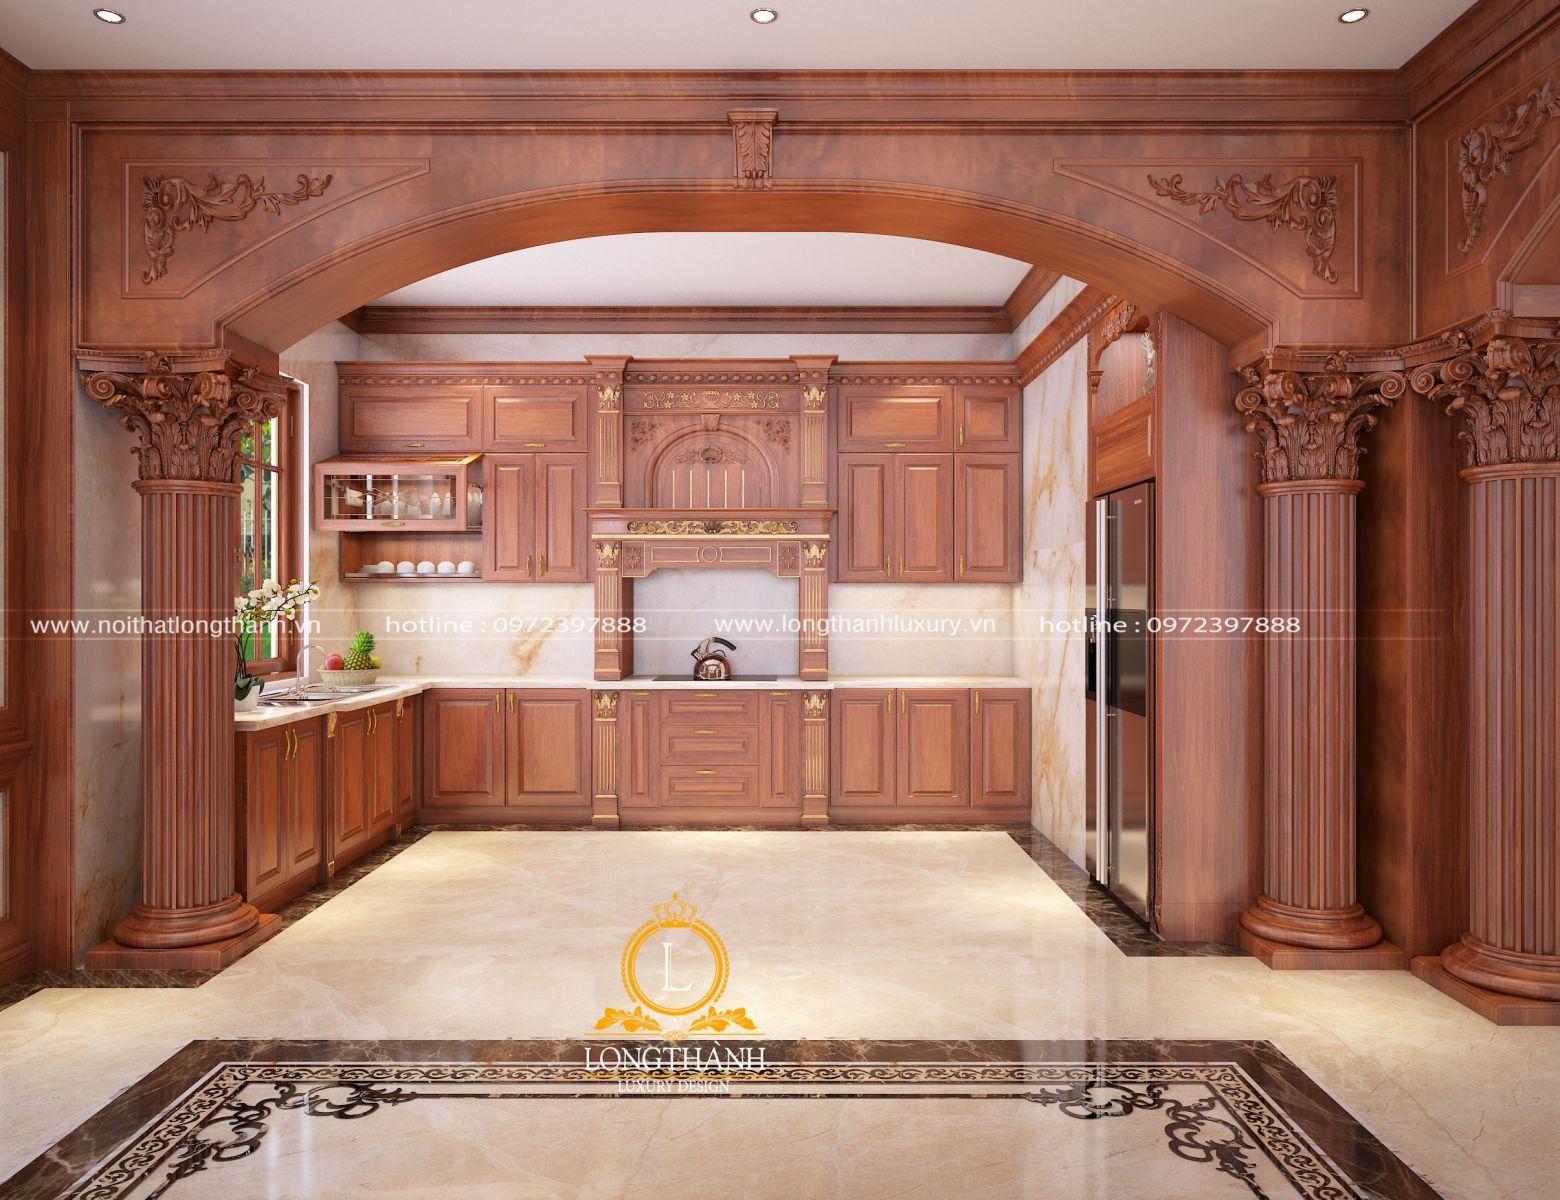 Sự kết hợp màu sắc, phong cách giữa nội thất và kiến trúc